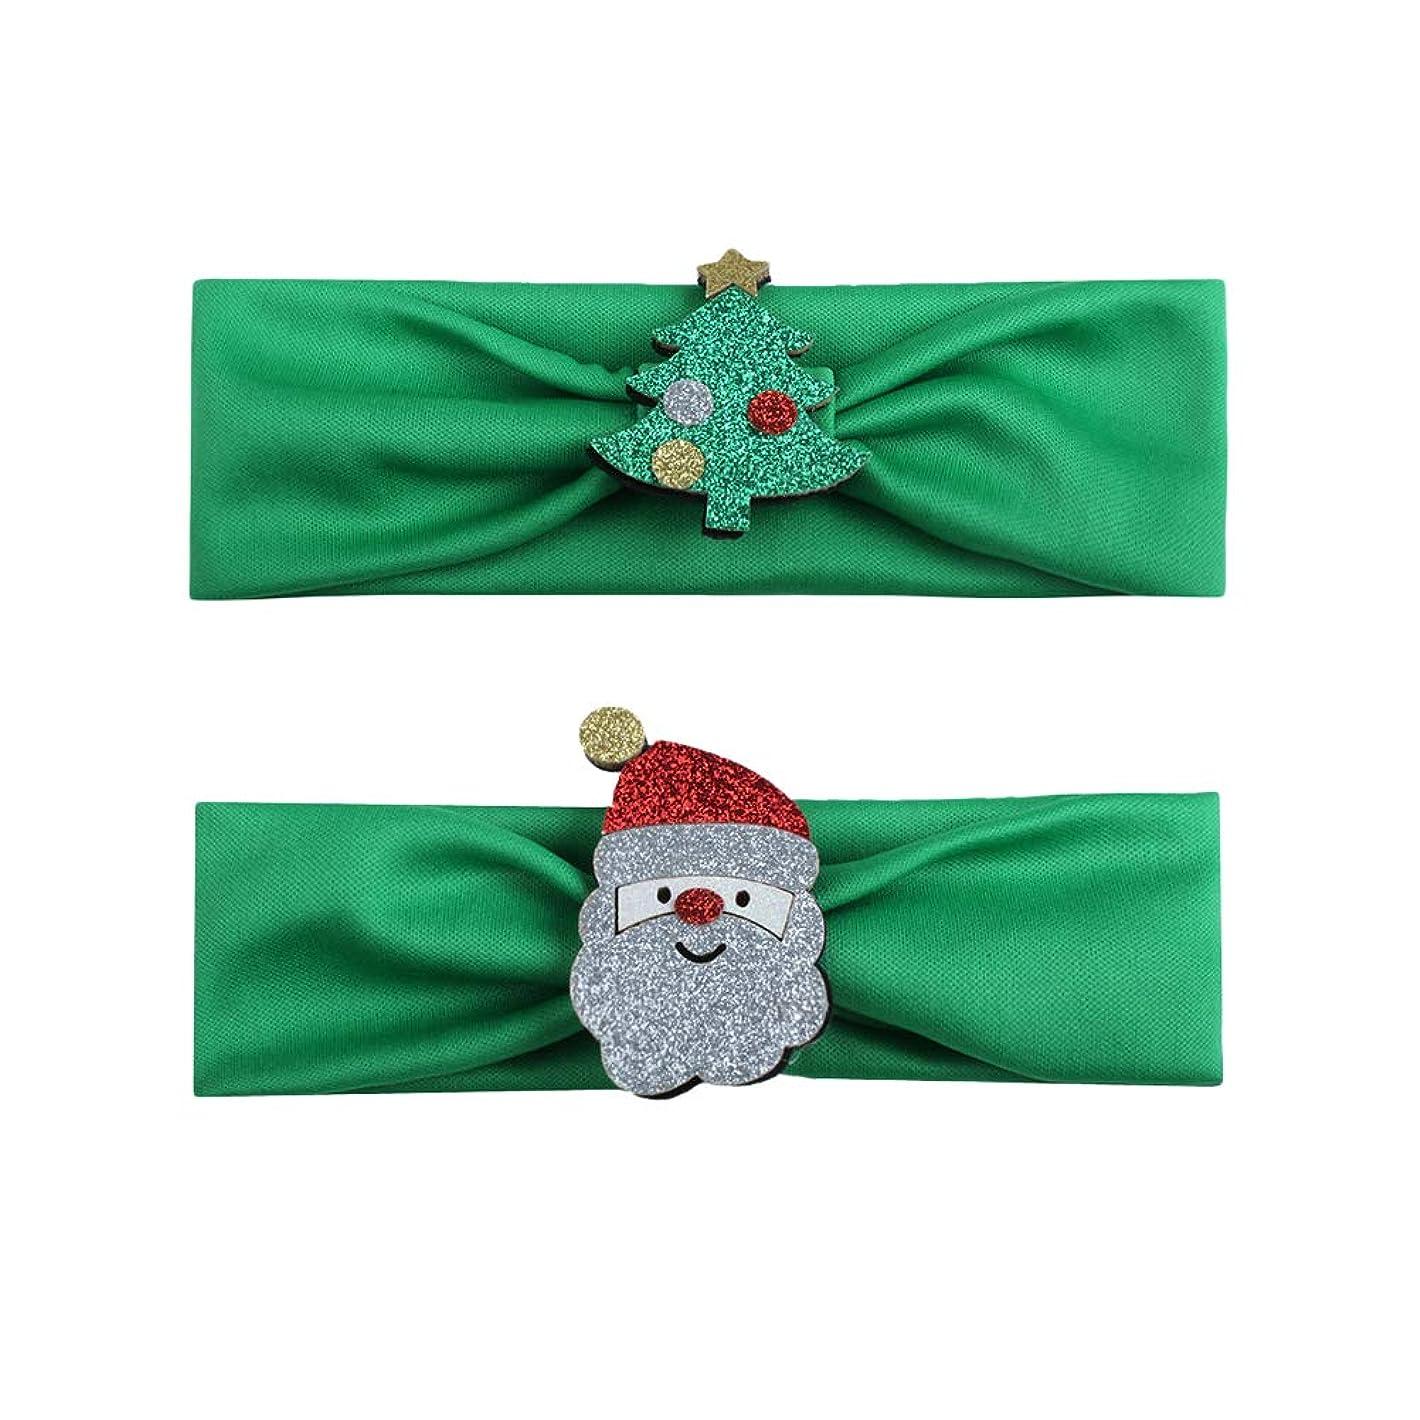 刺します正確な映画BESTOYARD 2本の赤ちゃんの少女クリスマスのヘッドバンド、クリスマスツリーサンタクロースの幼児ヘアバンドアクセサリー(グリーン)